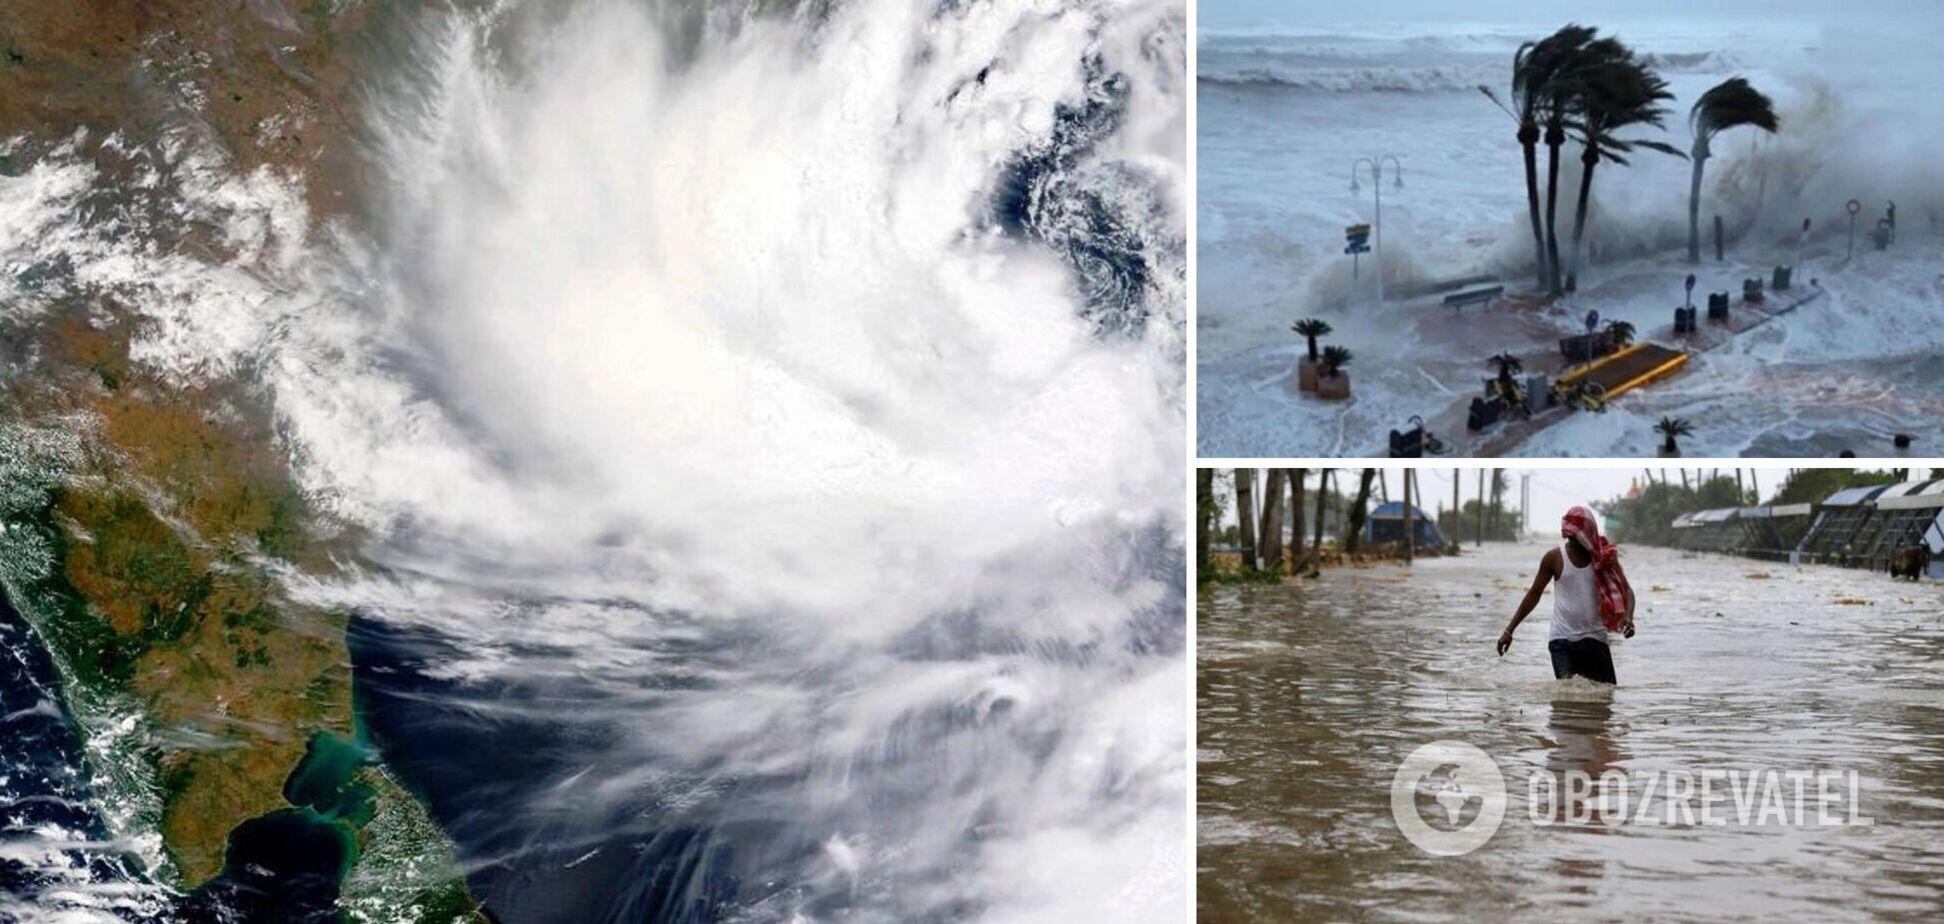 Індію накрив другий смертоносний шторм за тиждень: евакуйовано 1,5 млн людей. Фото та відео